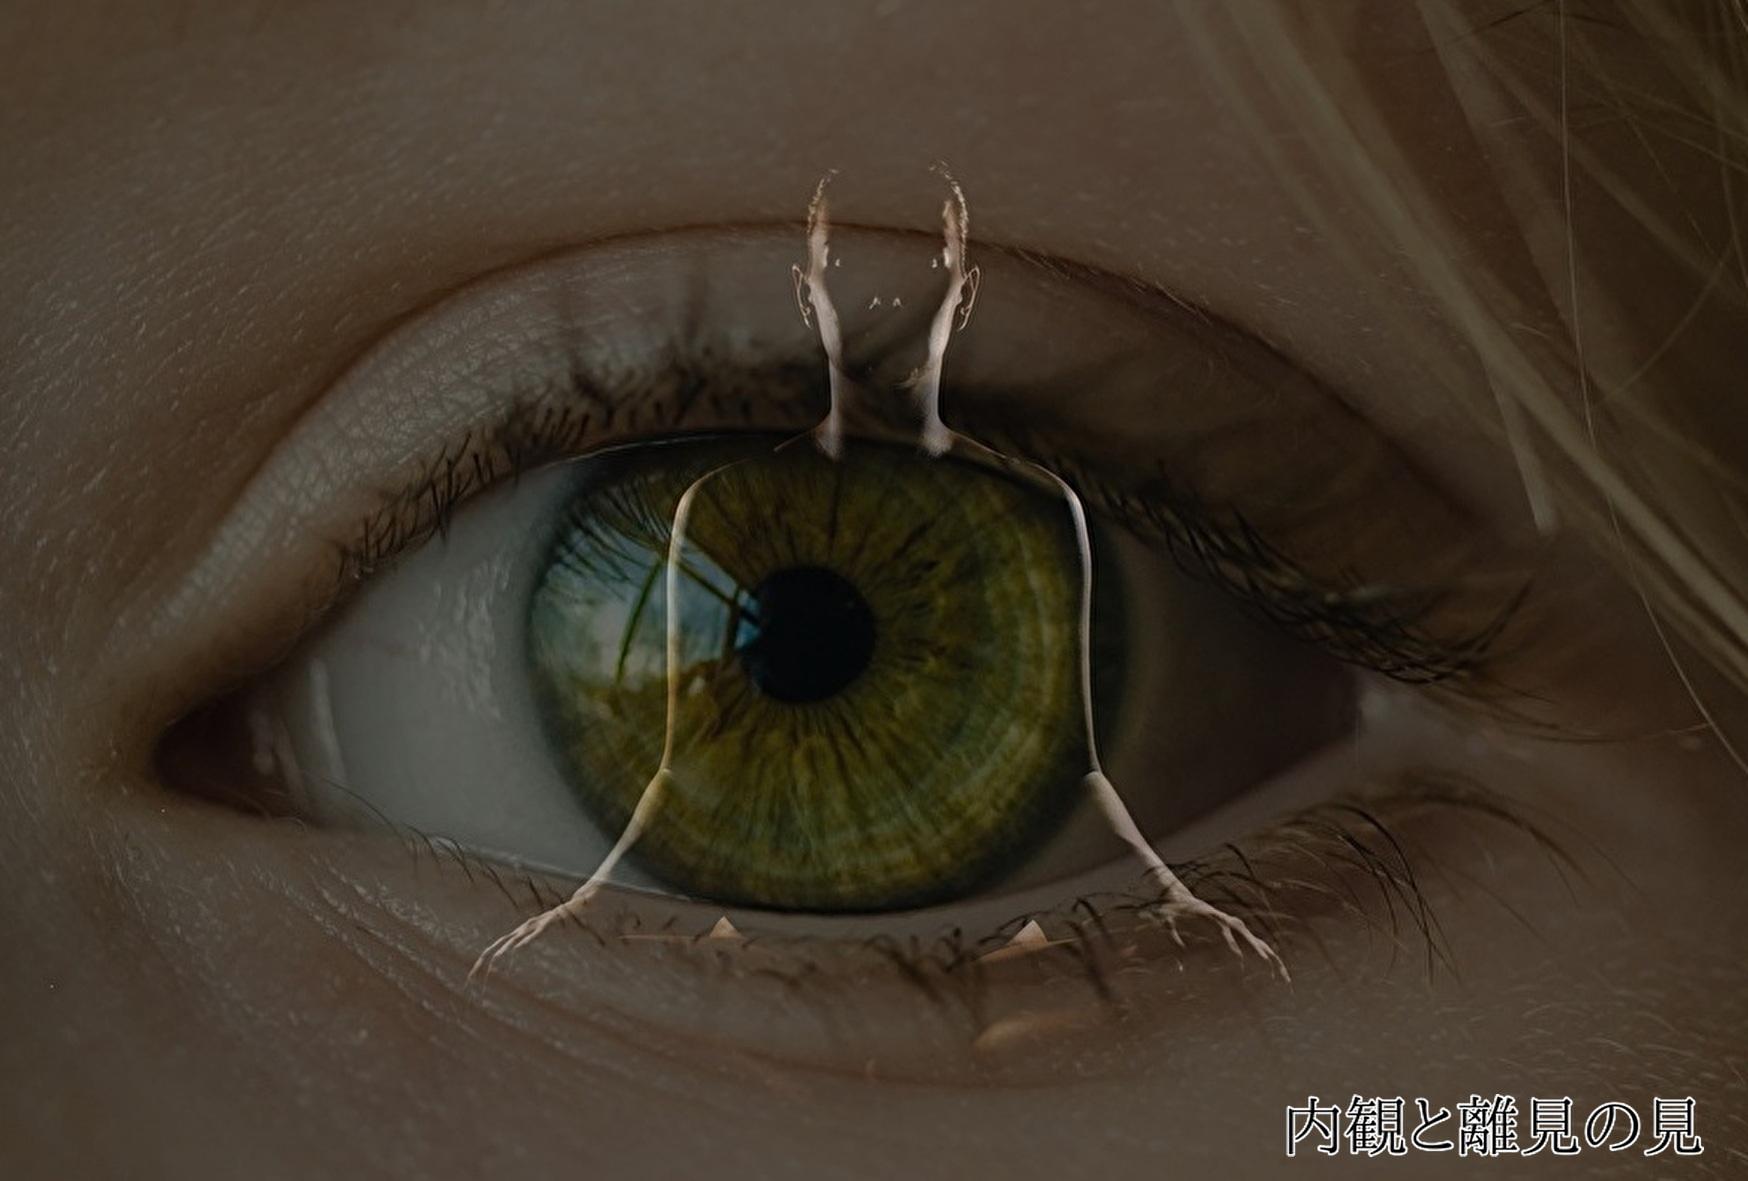 合気道における「内観」と「離見の見」の二つの自己観察の必要性